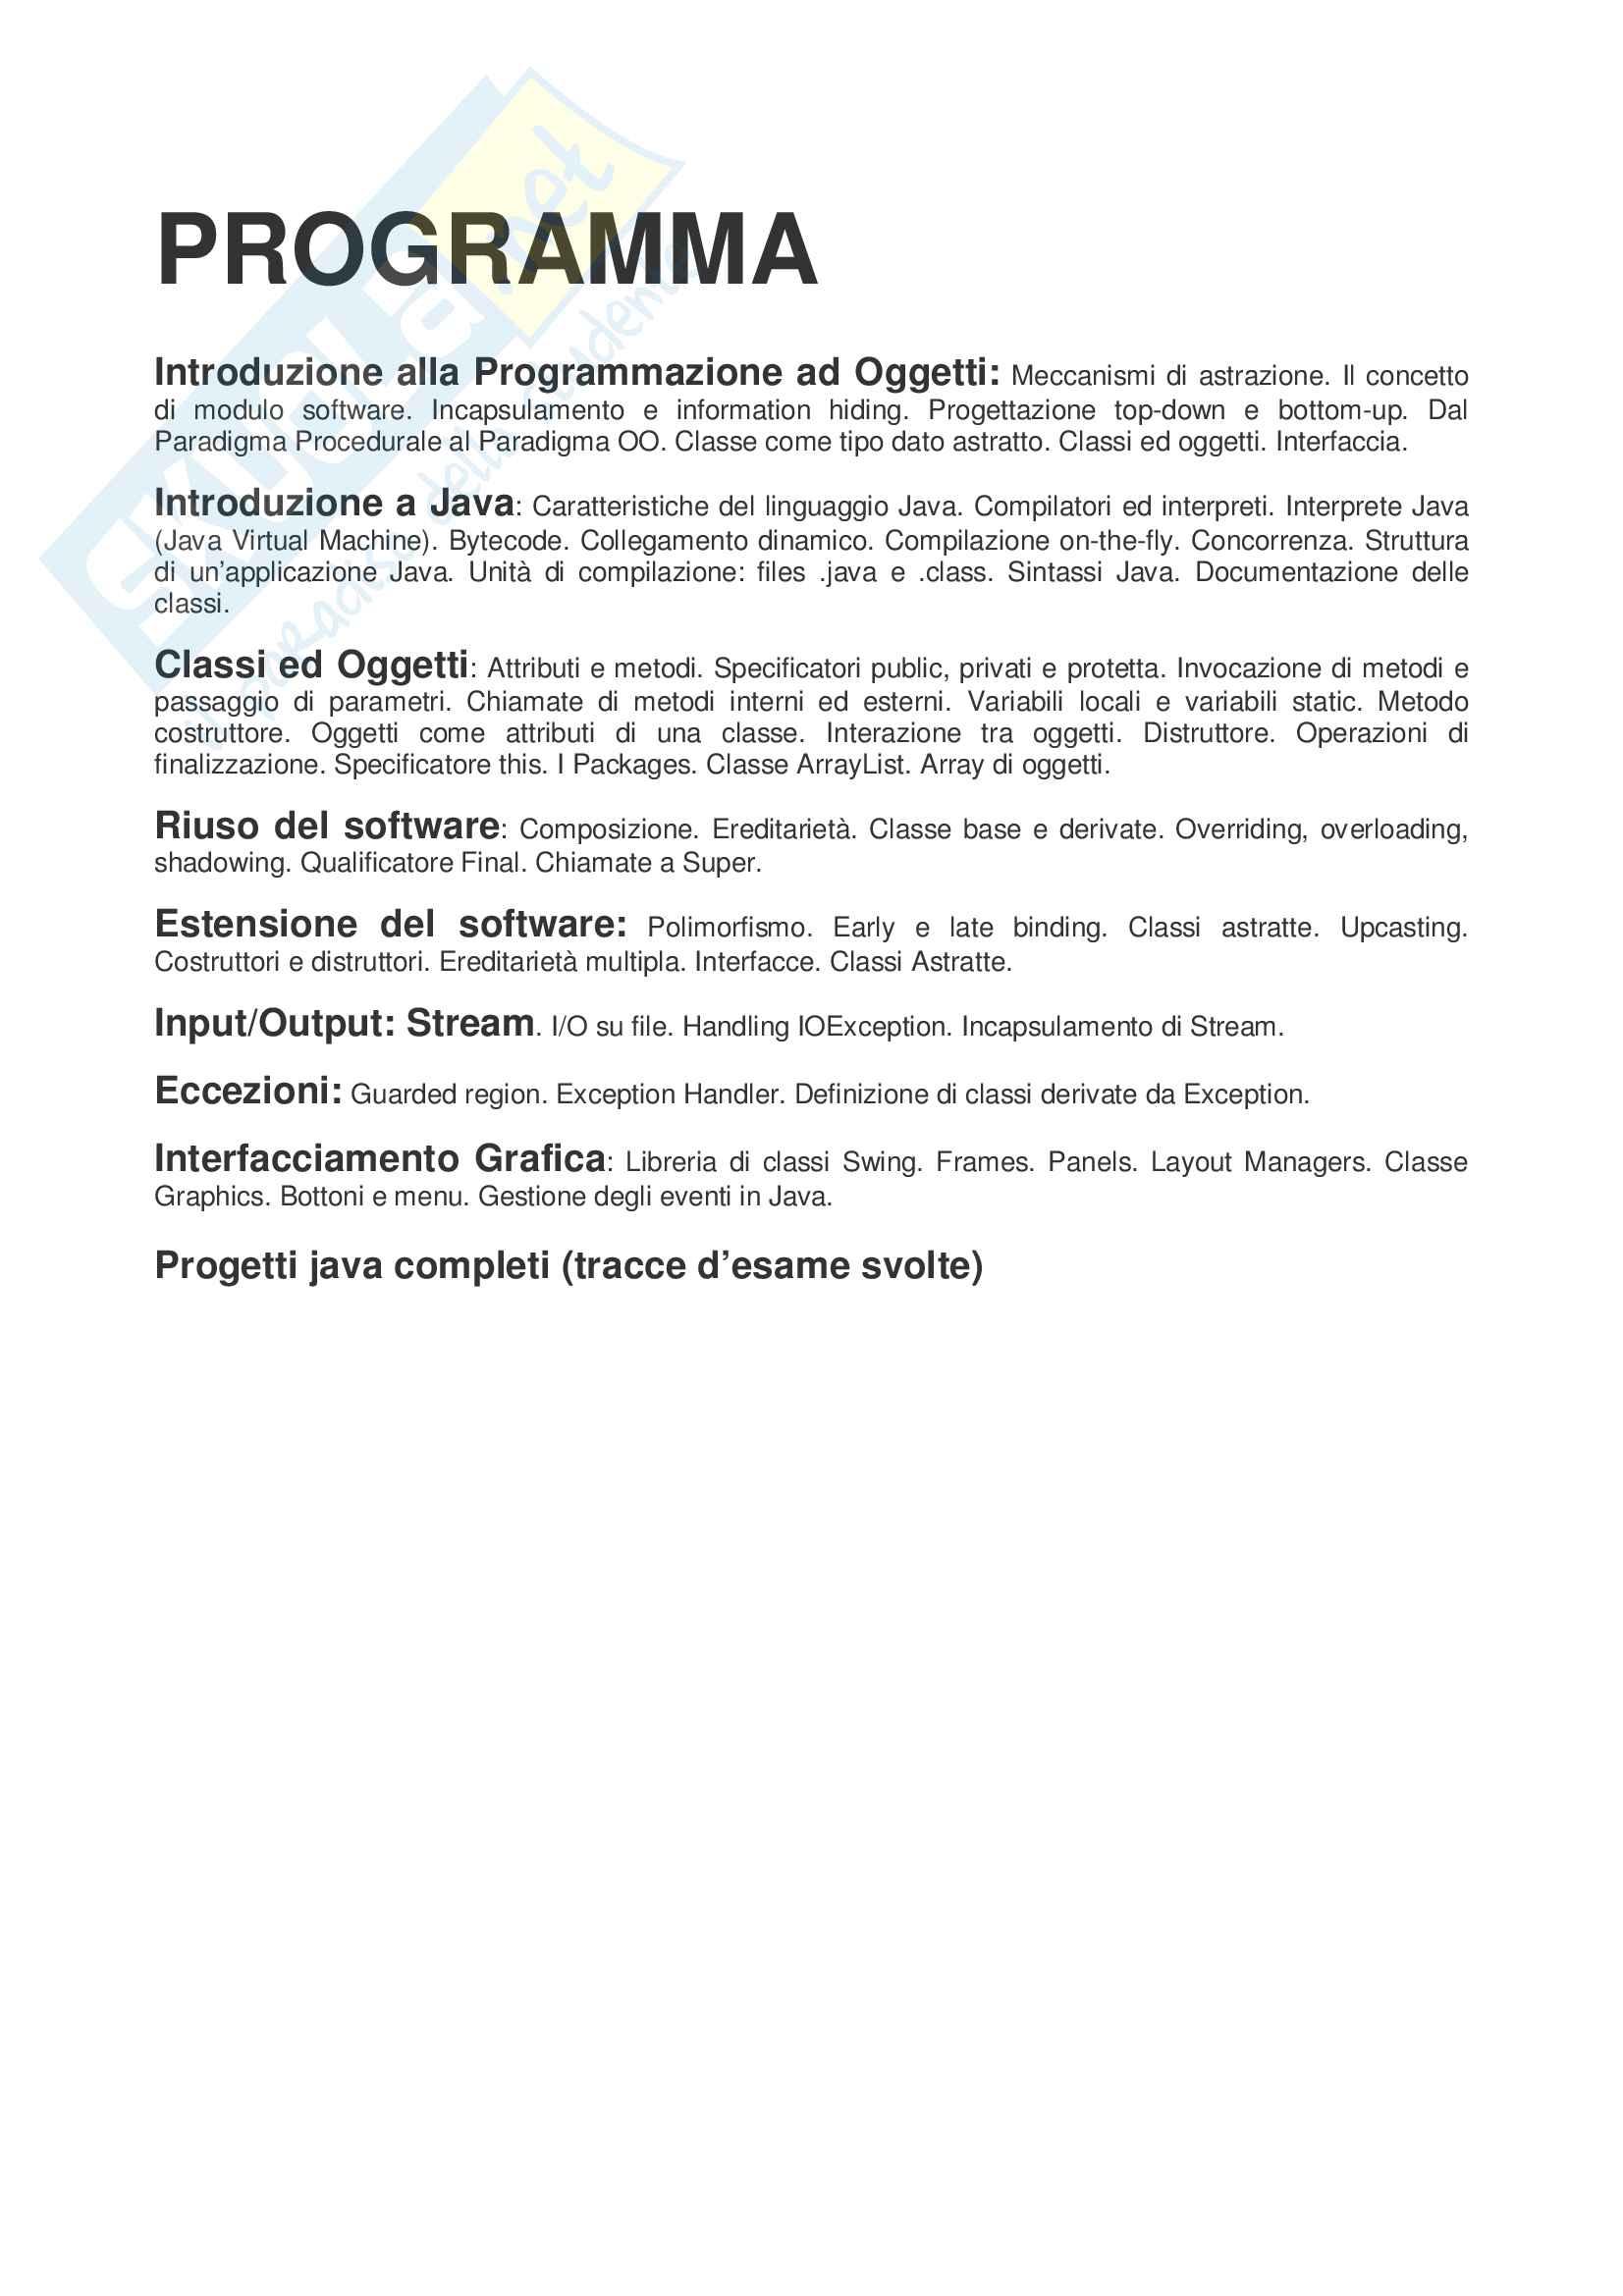 Programmazione ad oggetti (java) teoria + progetti java completi